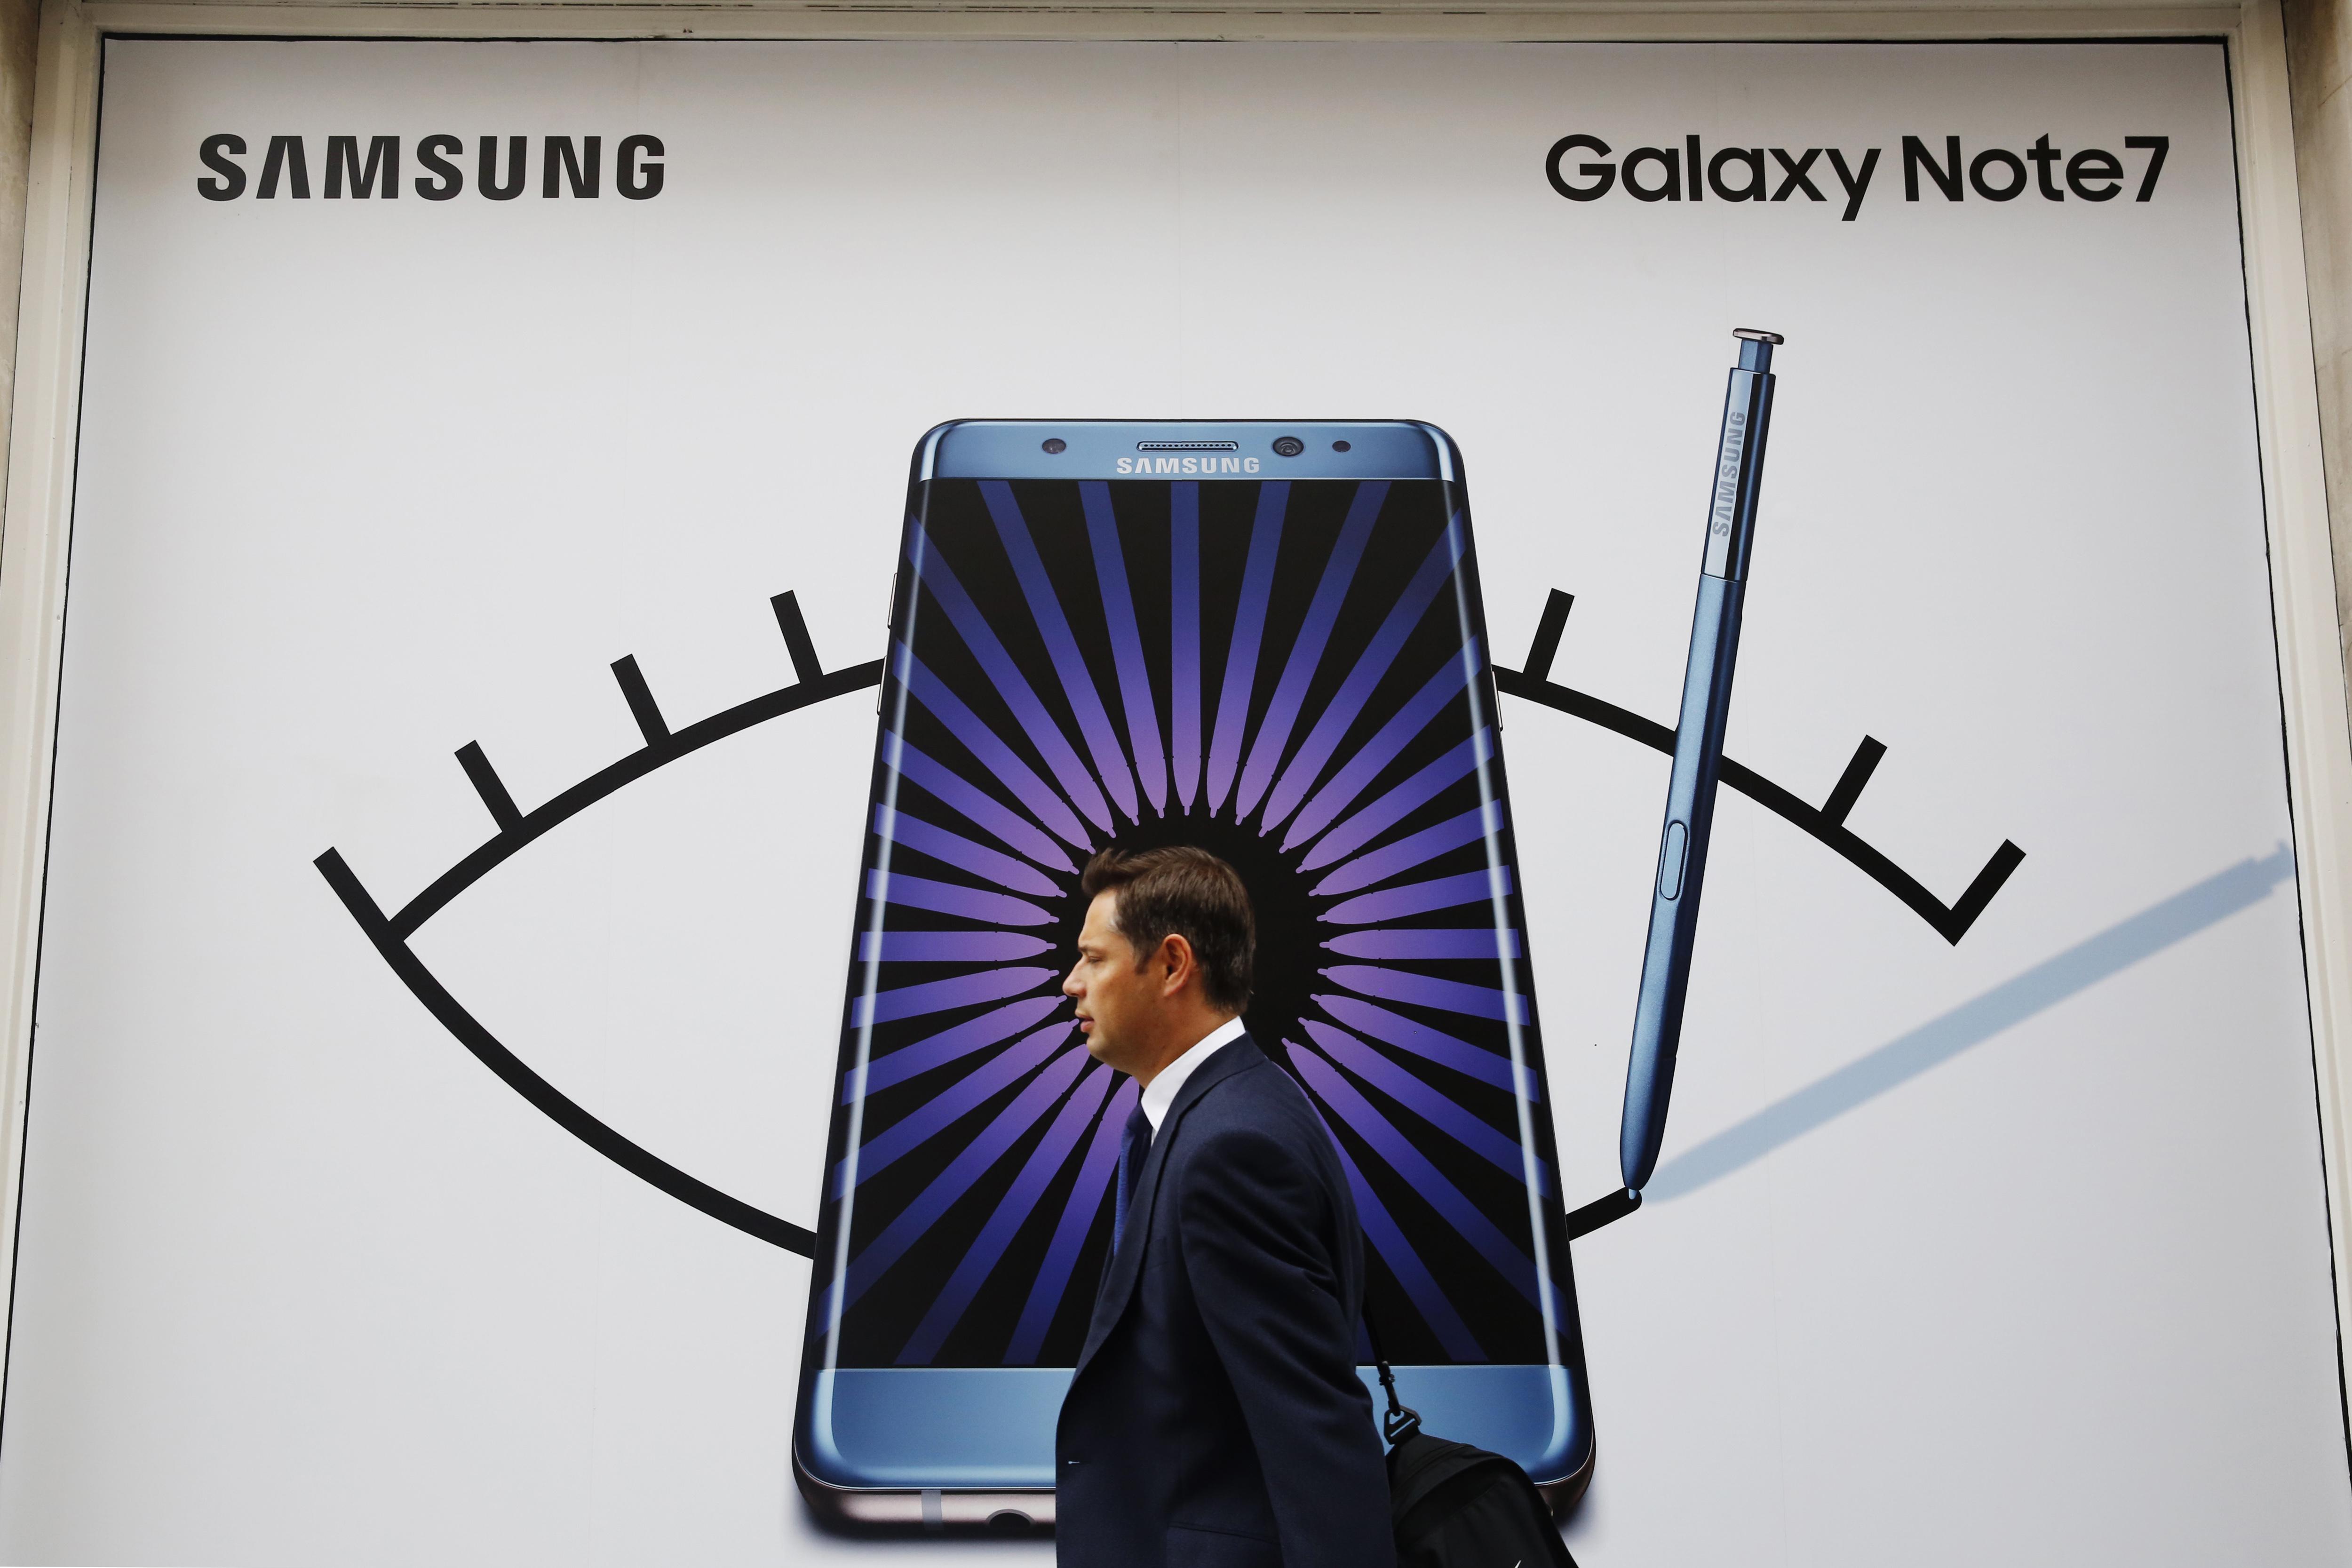 图为在英国伦敦拍摄的三星盖乐世Note7手机广告。(图片来源:新华社/路透)